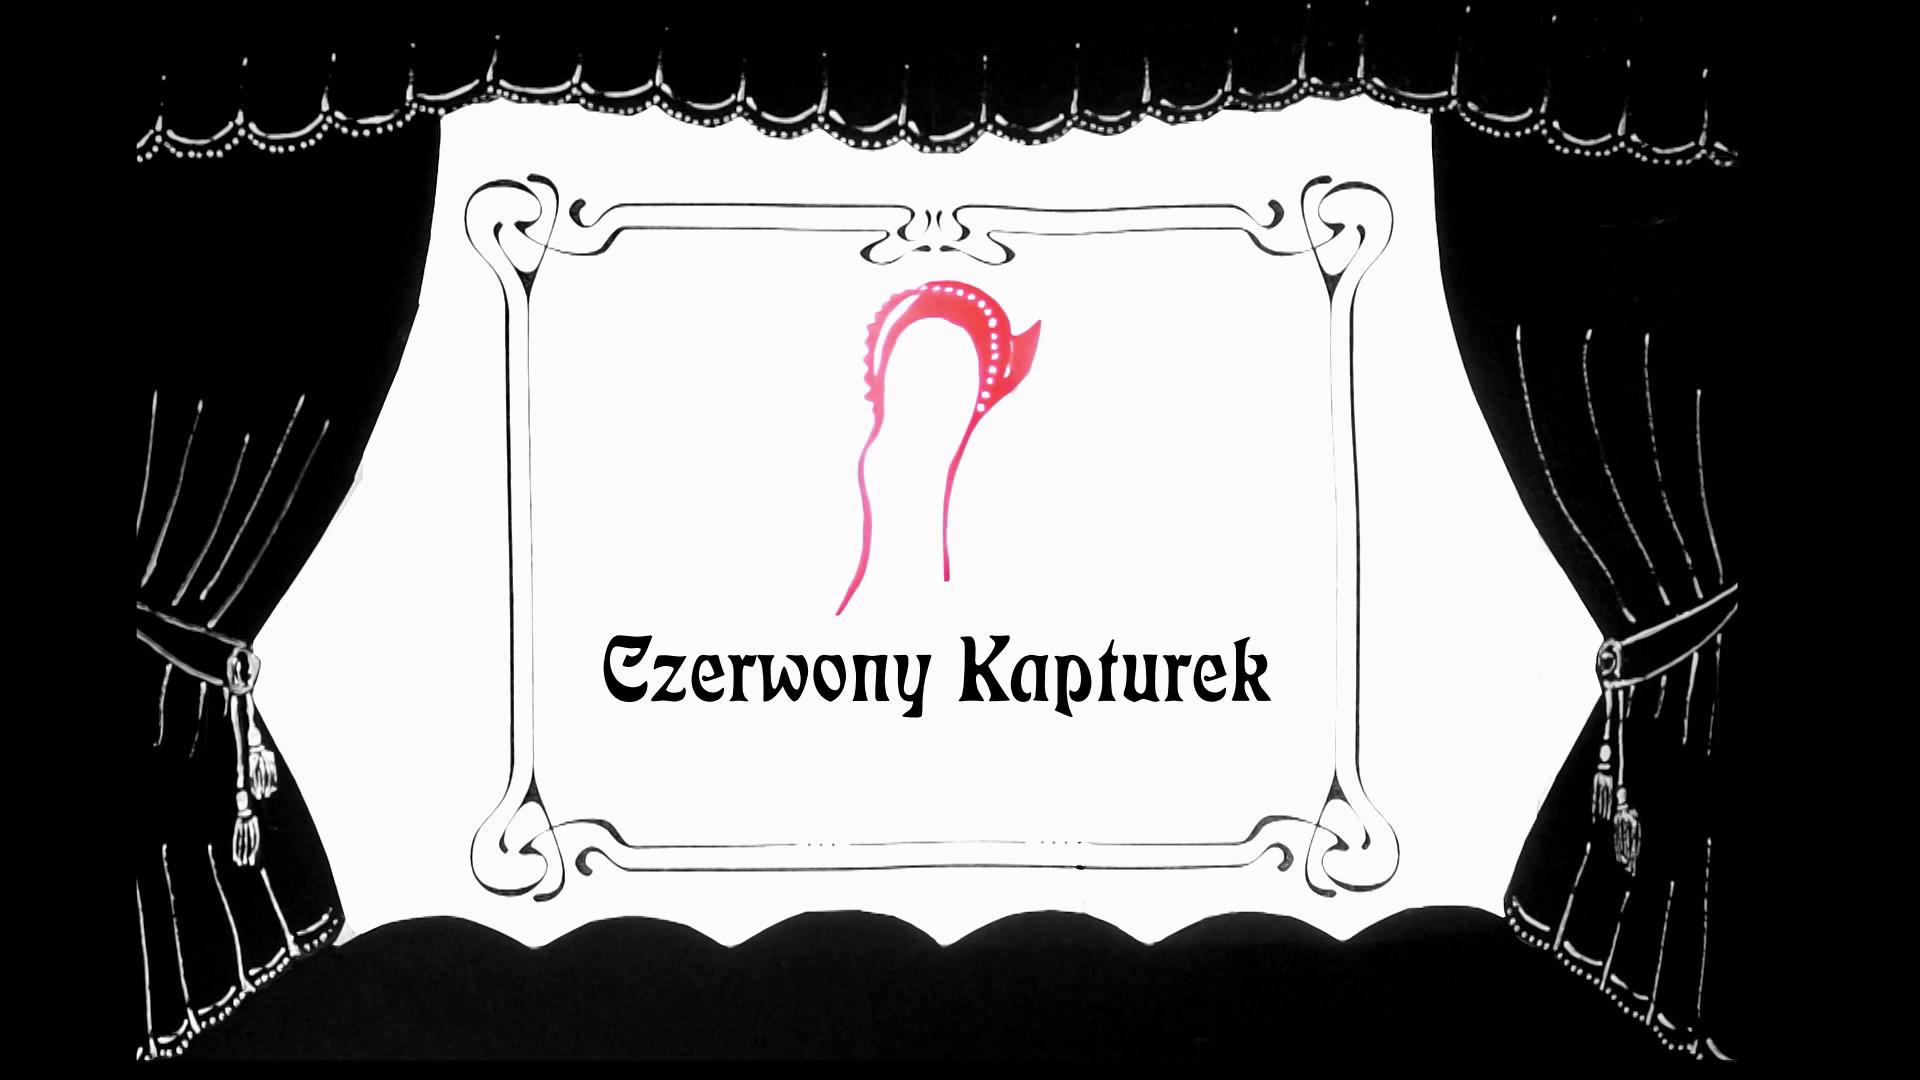 teatrzyk pudełkowo pomalowany na czarno z białymi akcentami, na środku w oknie sceny widoczny czerwony kapturek